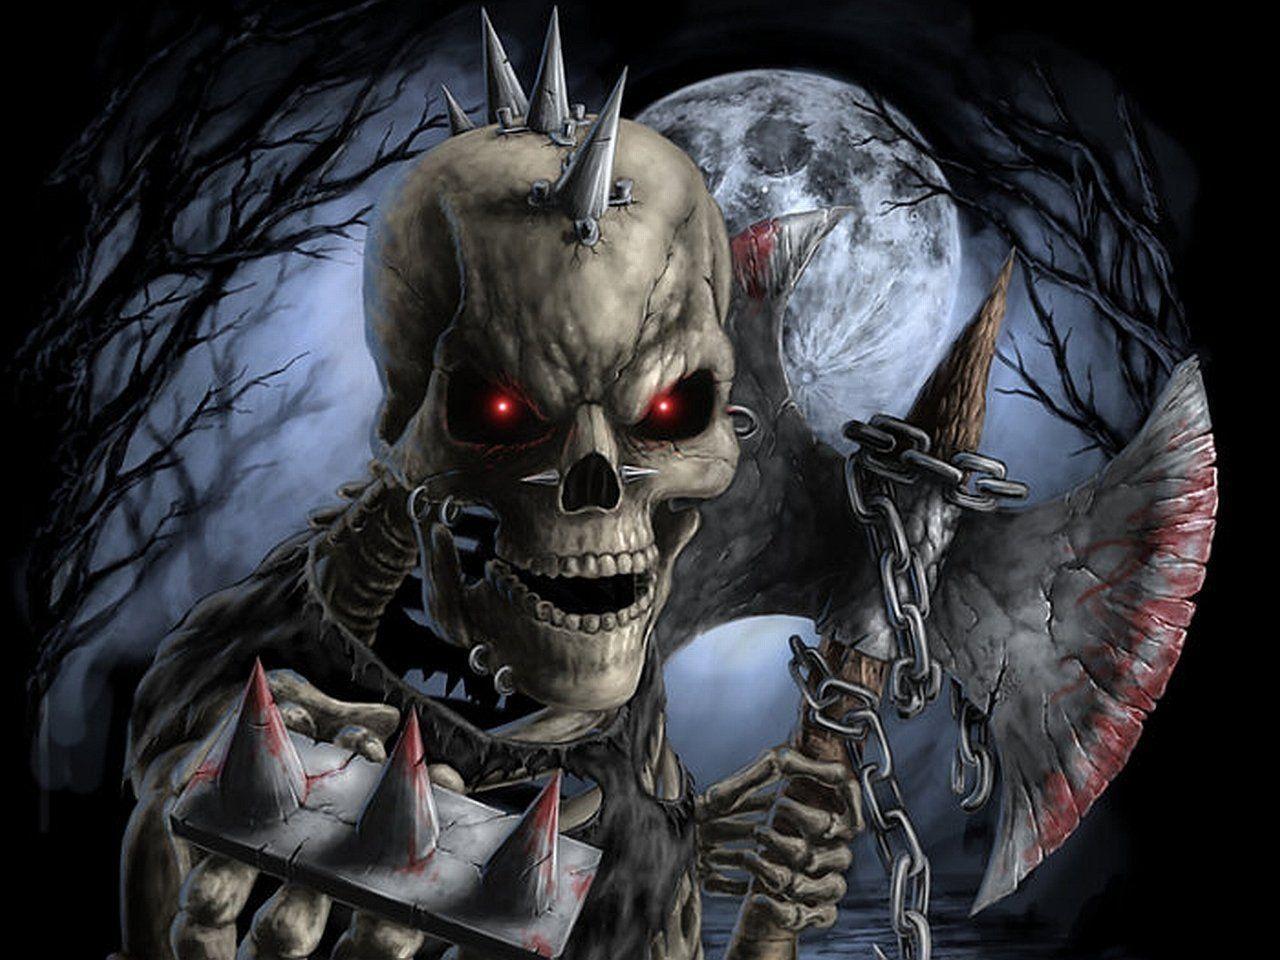 Horror skeleton wallpapers wallpaper cave - Skeleton wallpaper ...